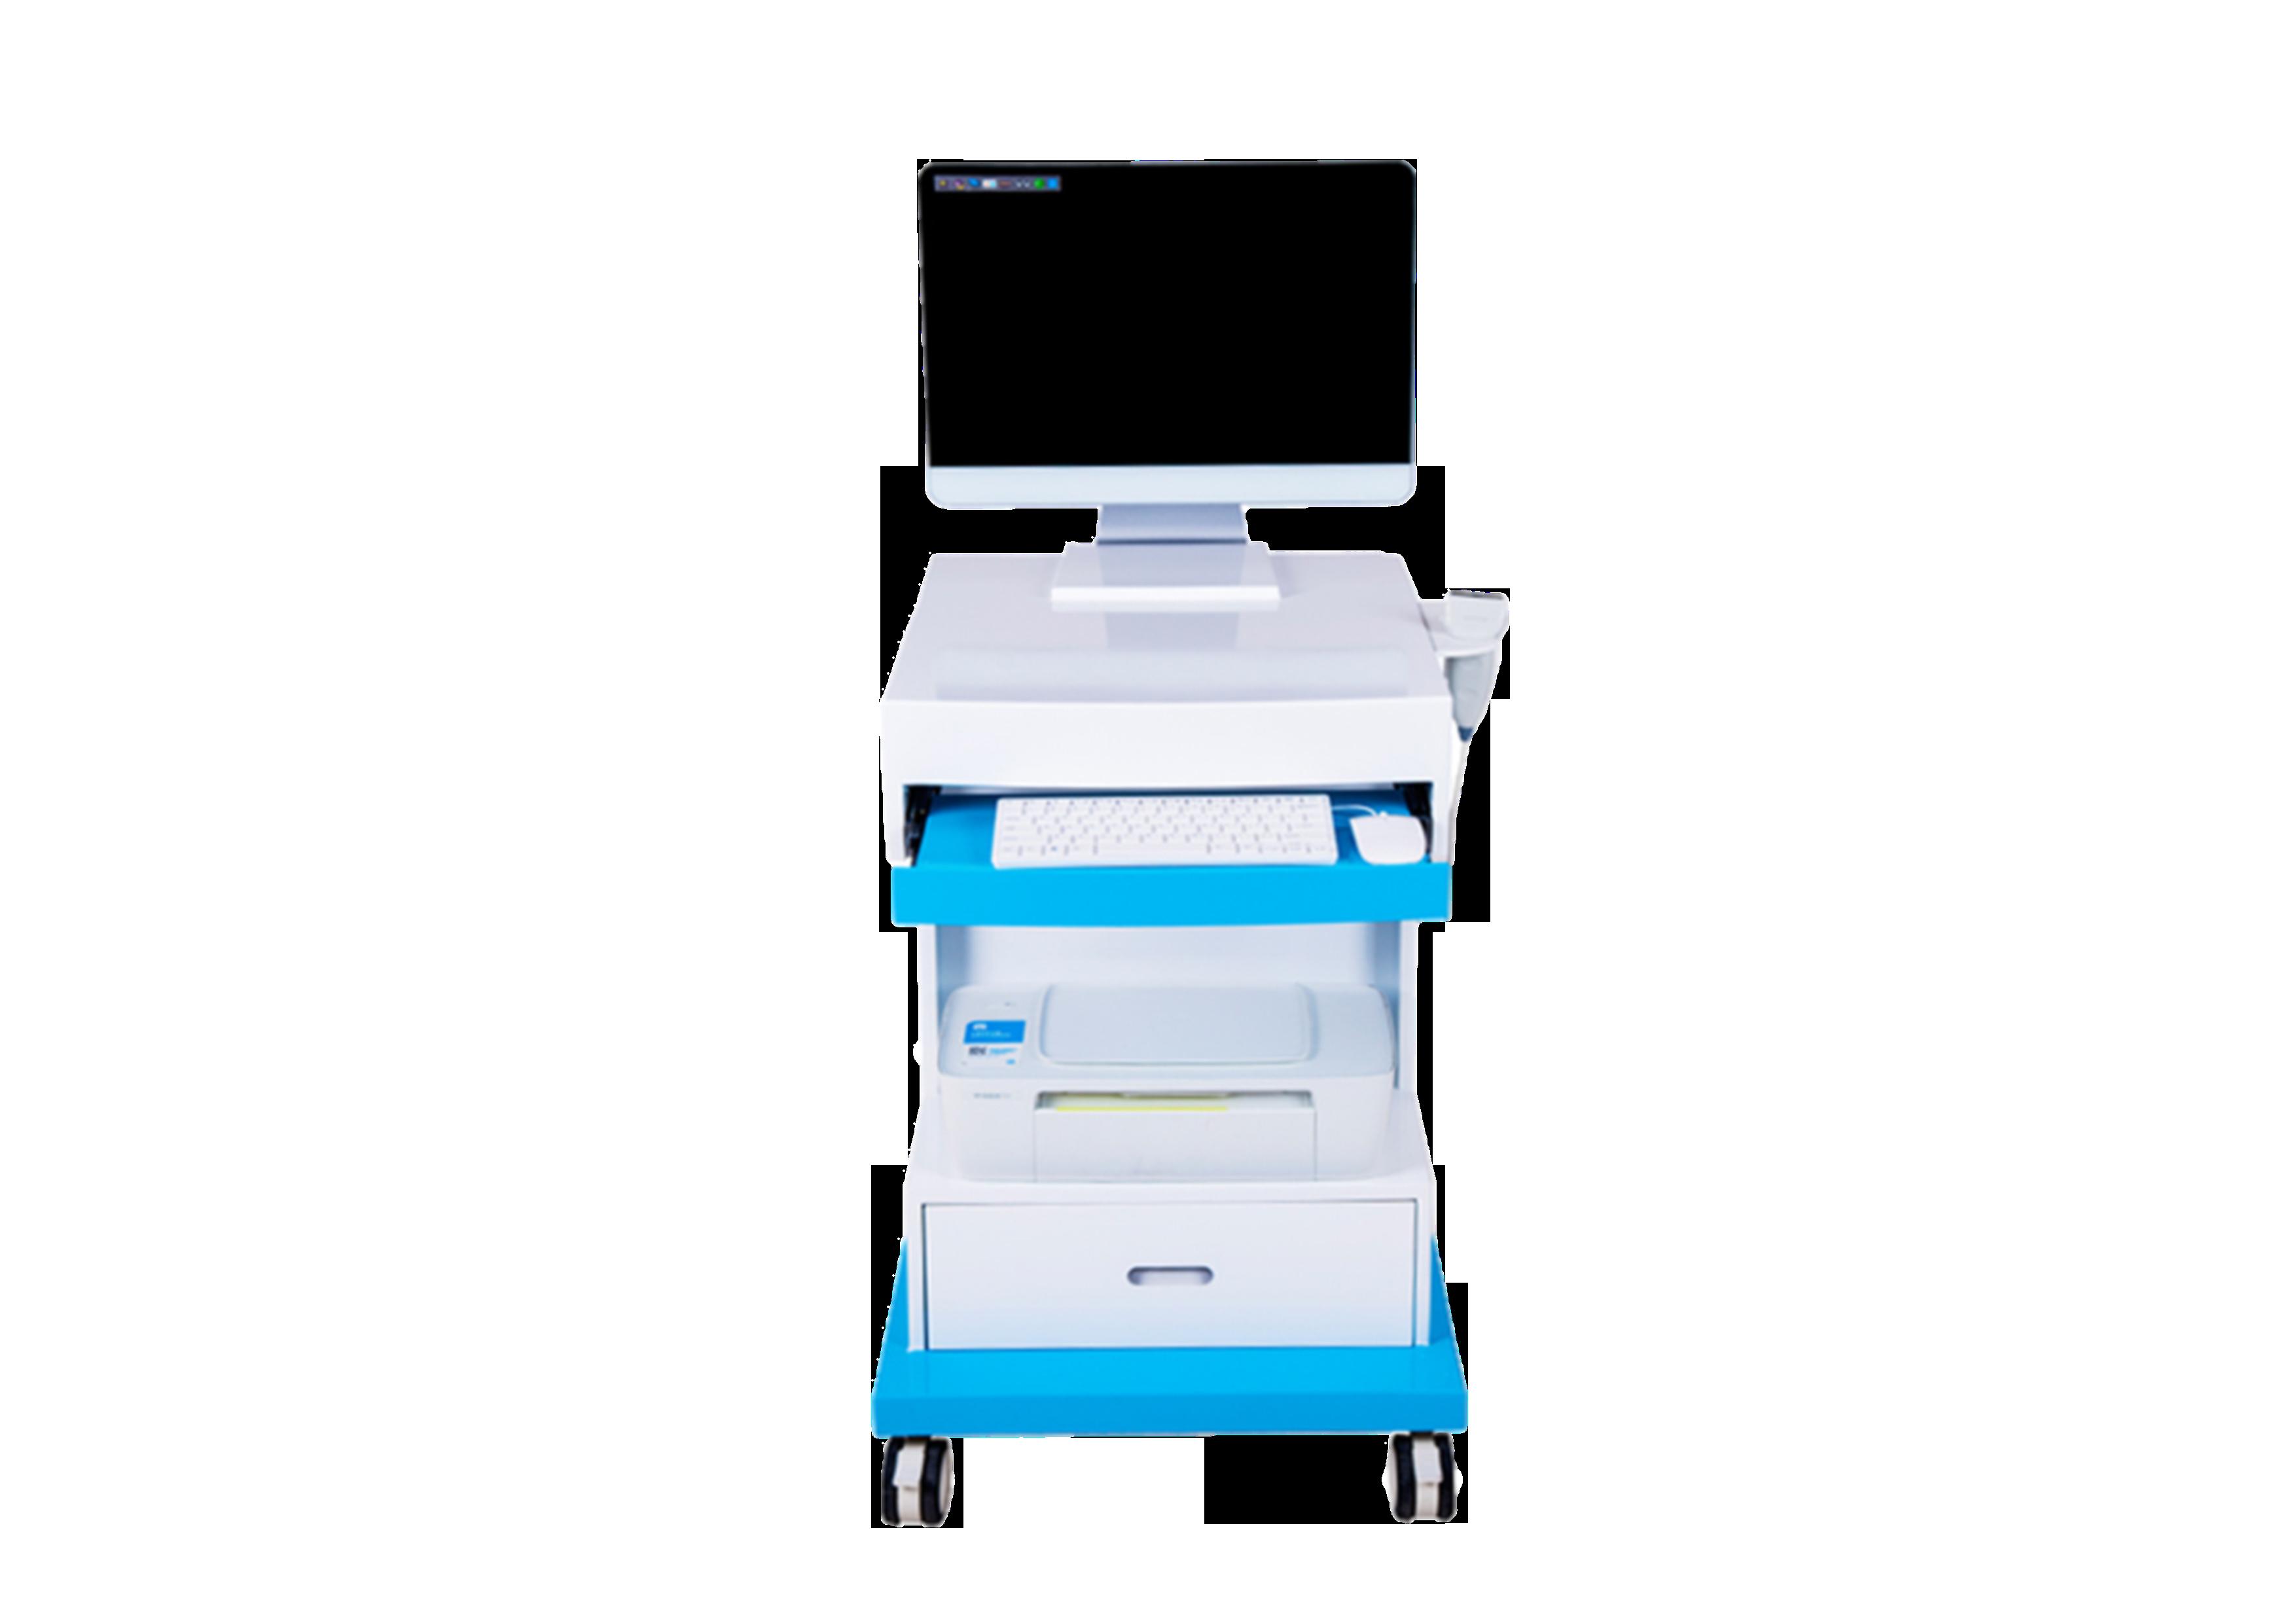 国内超声骨密度检测仪哪个品牌好?山东国康骨密度检测更准确!